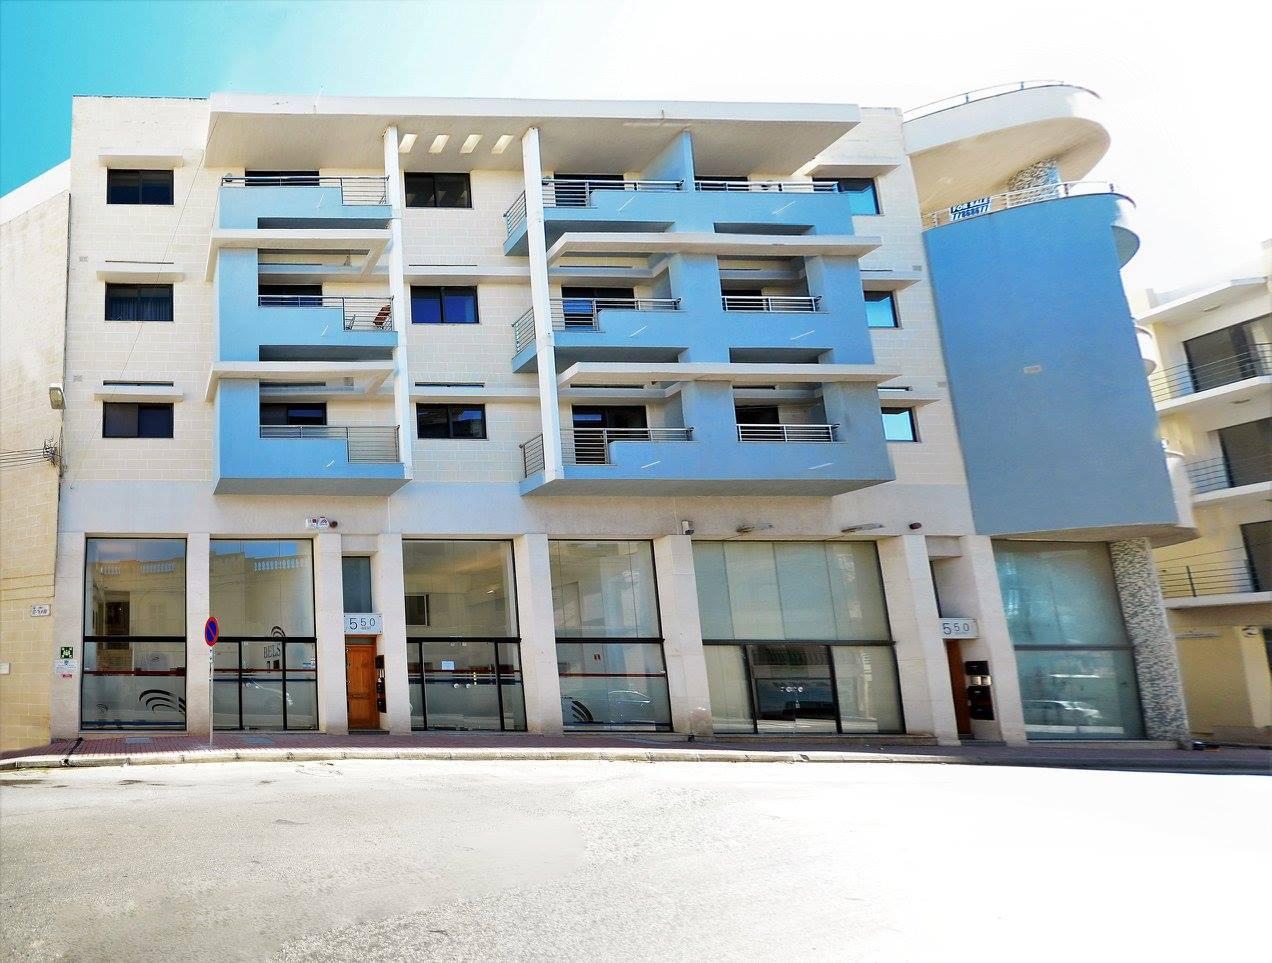 Учебный корпус BELS, Мальта